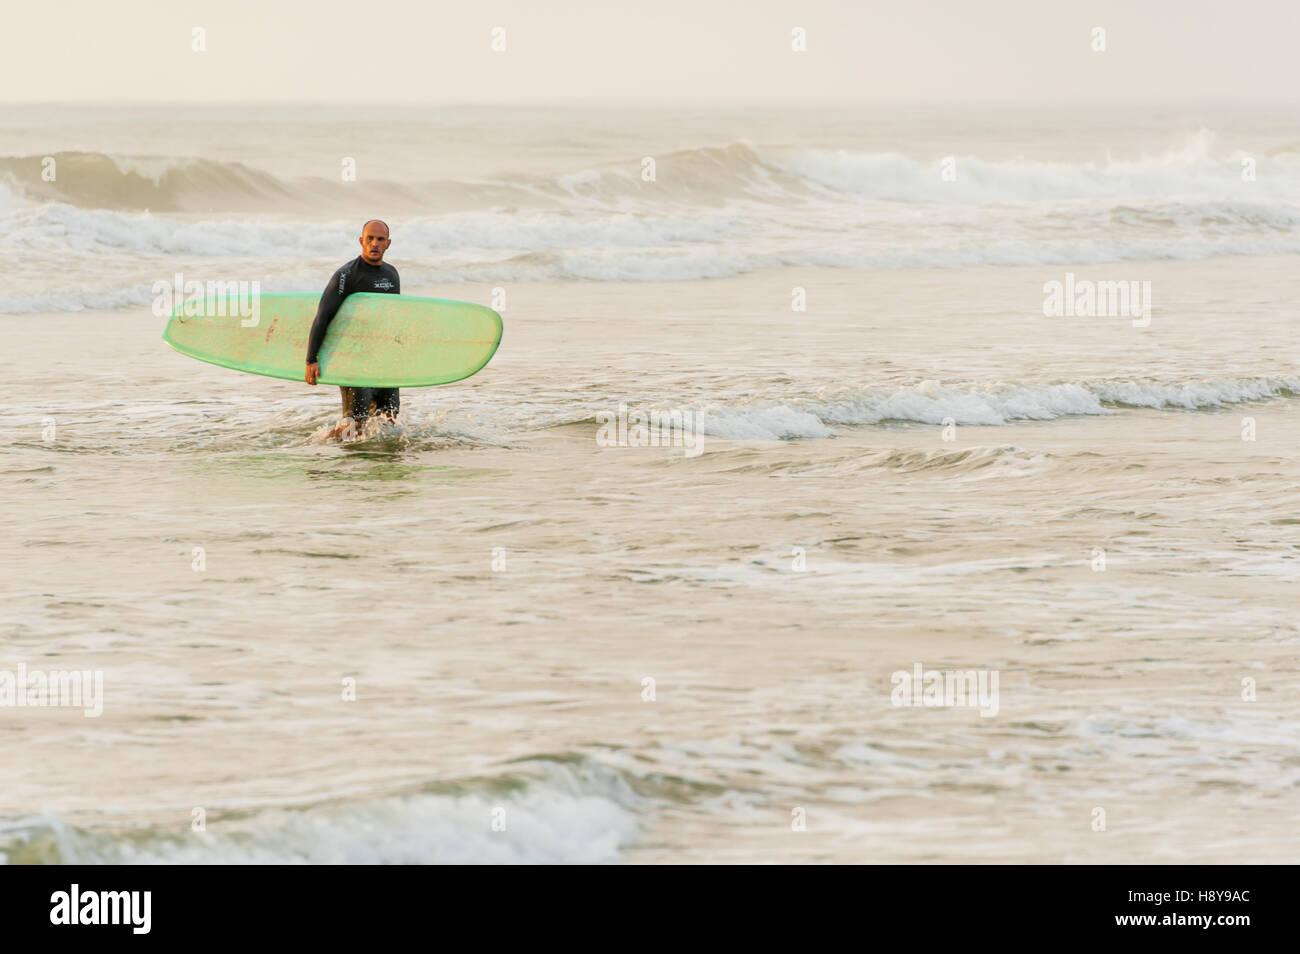 Surfer lasciando l'acqua dopo un sunrise 'dawn patrol' sessione di surf in spiaggia di Jacksonville, Florida, Stati Uniti d'America. Foto Stock